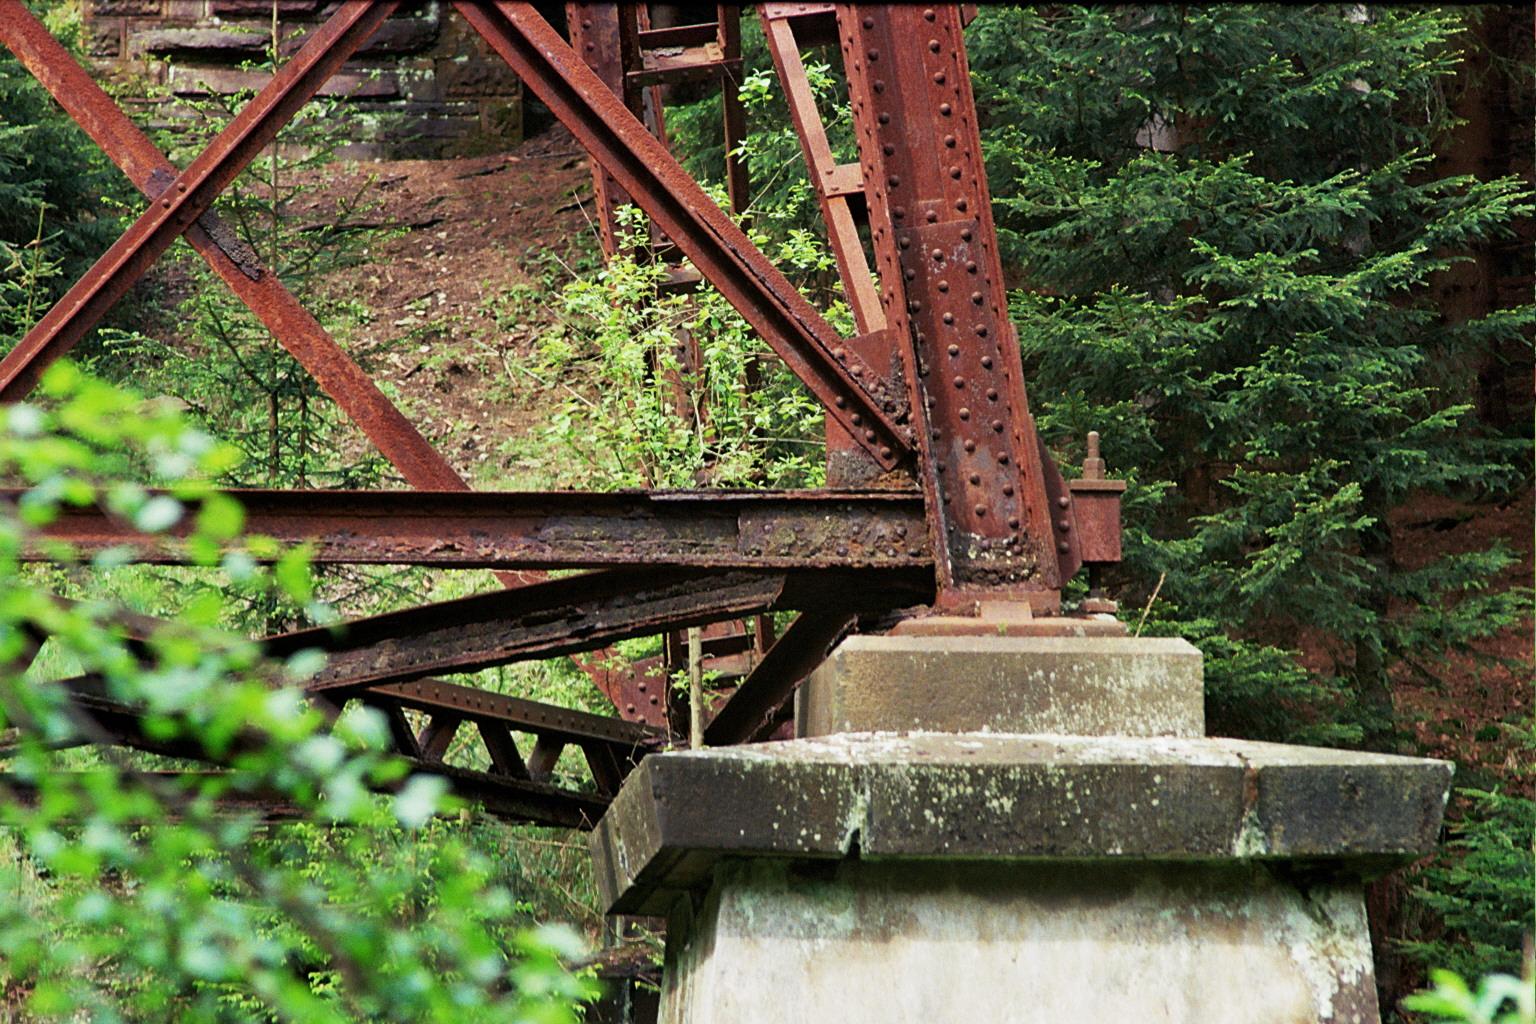 Ds Foto zeigt die stählernen, verrosteten Träger einer alten Eisenbahnbrücke